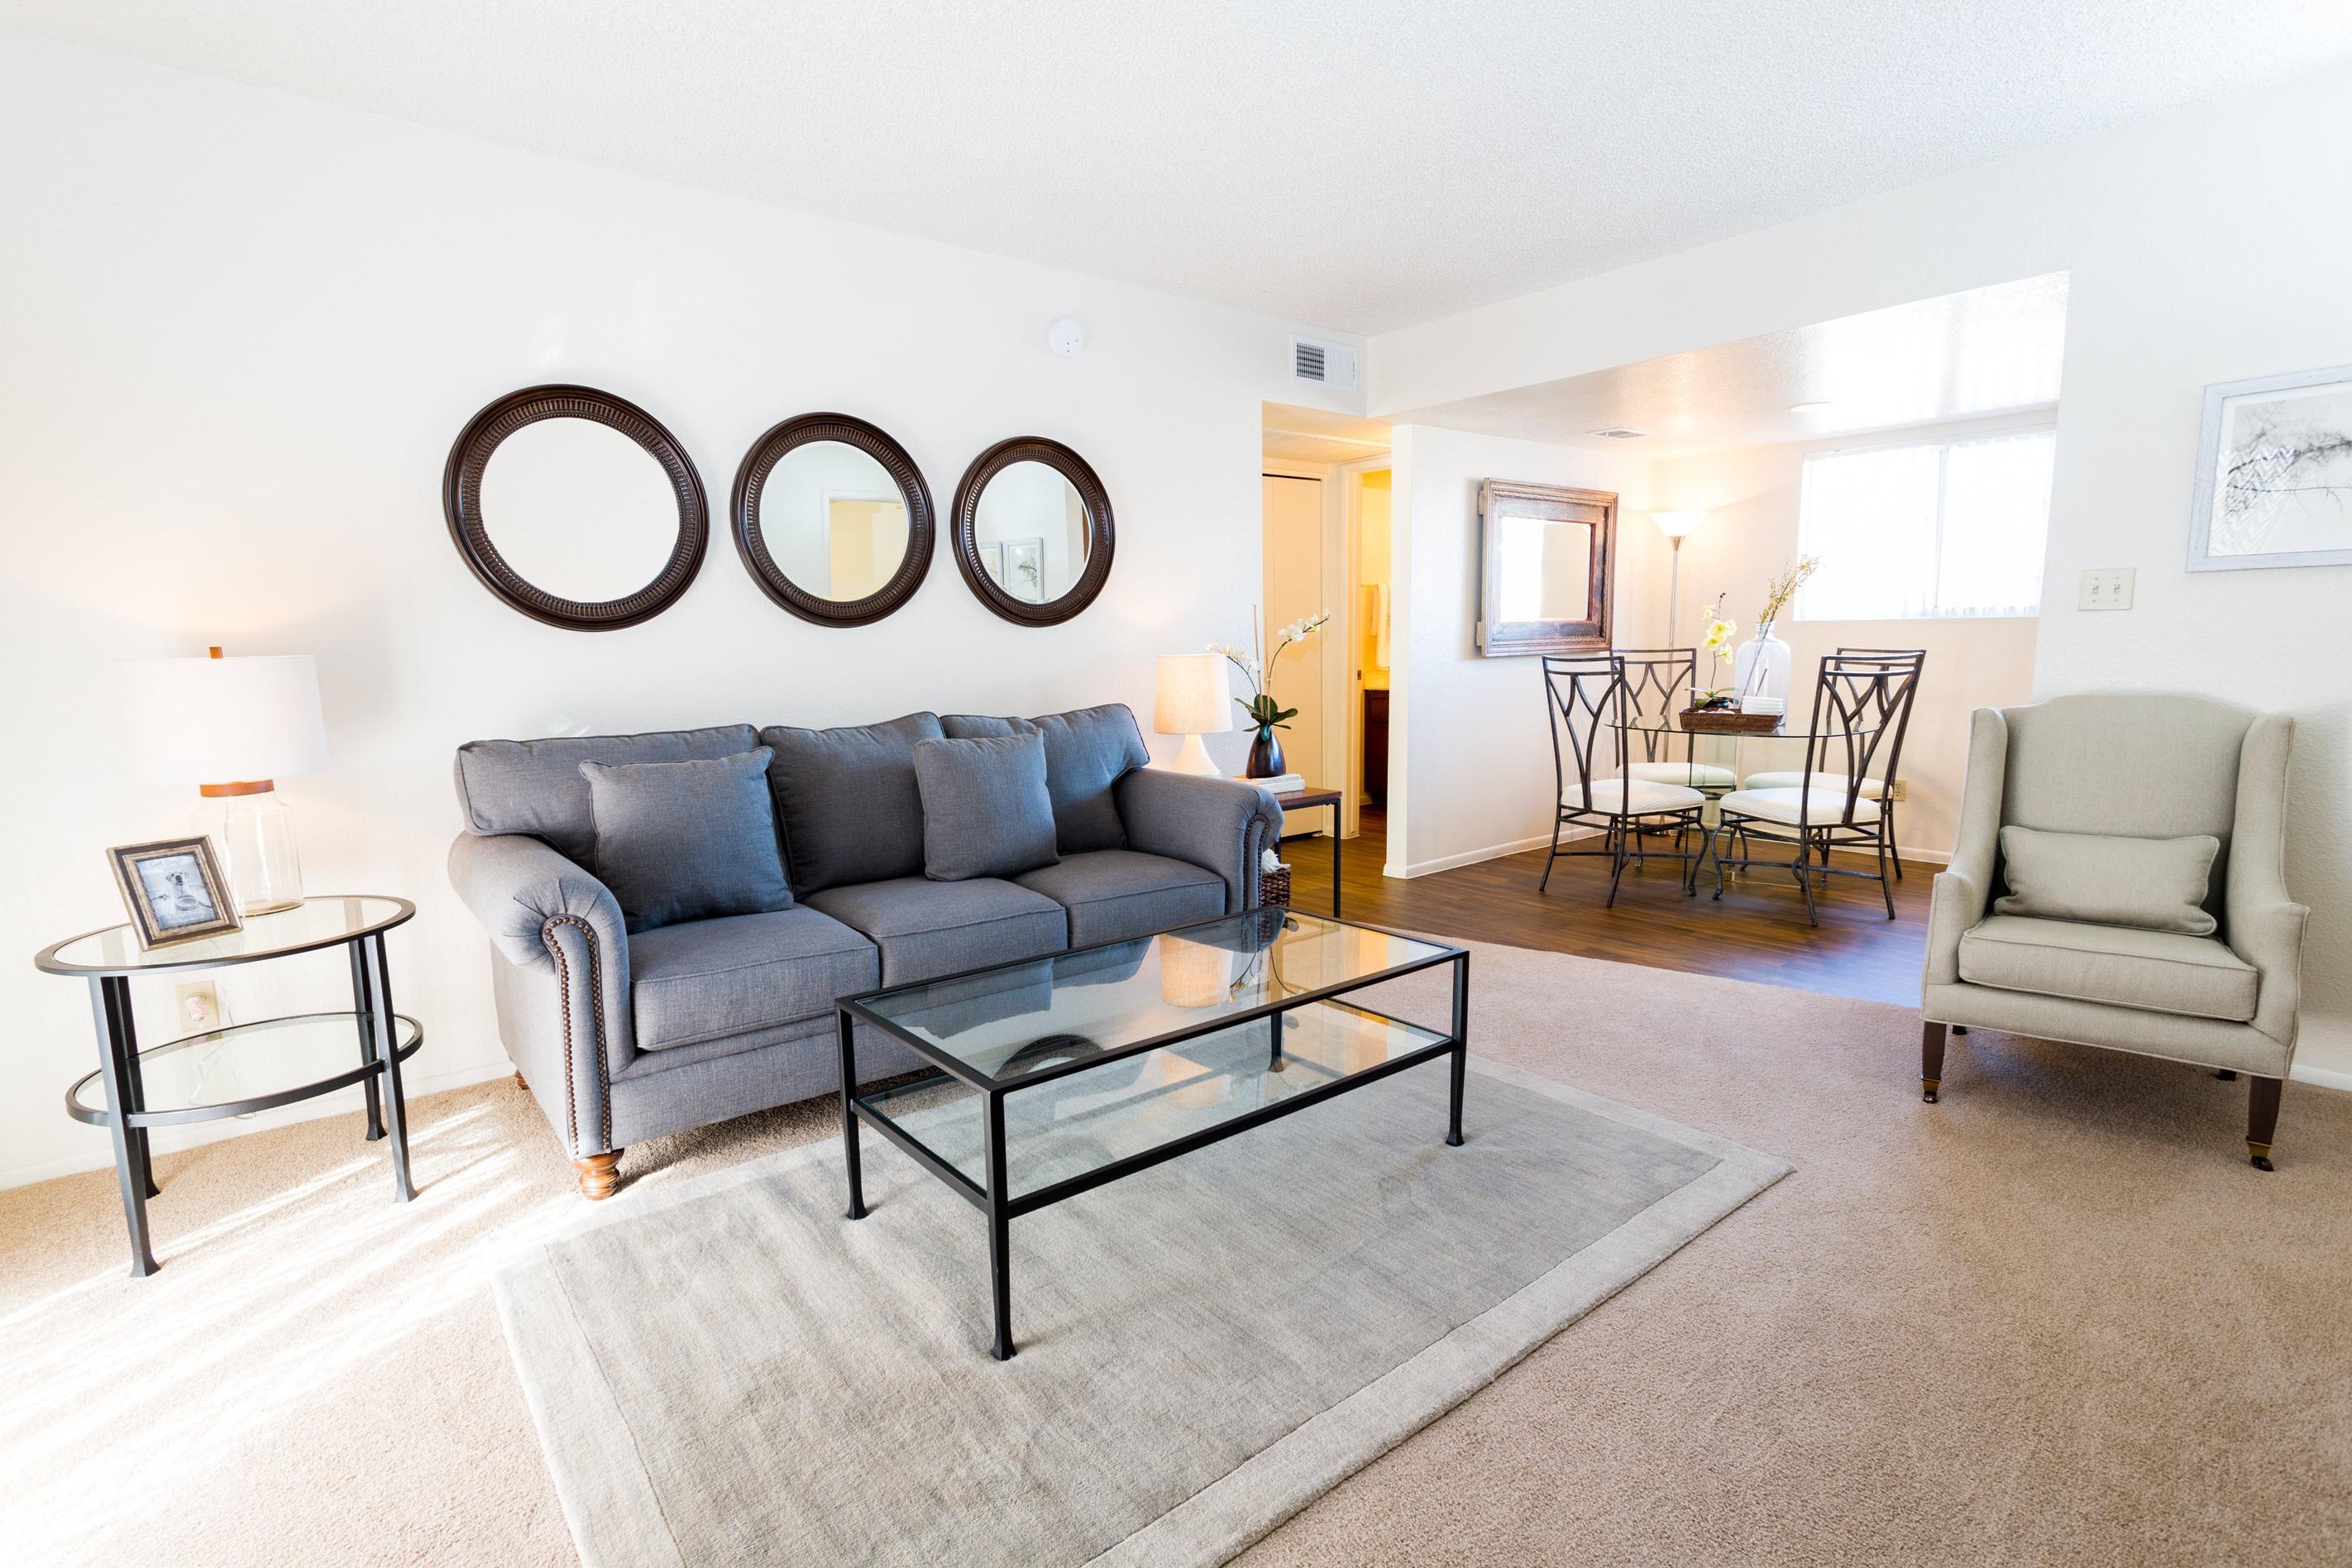 245 Apartments for Rent in Mesa, AZ - Zumper